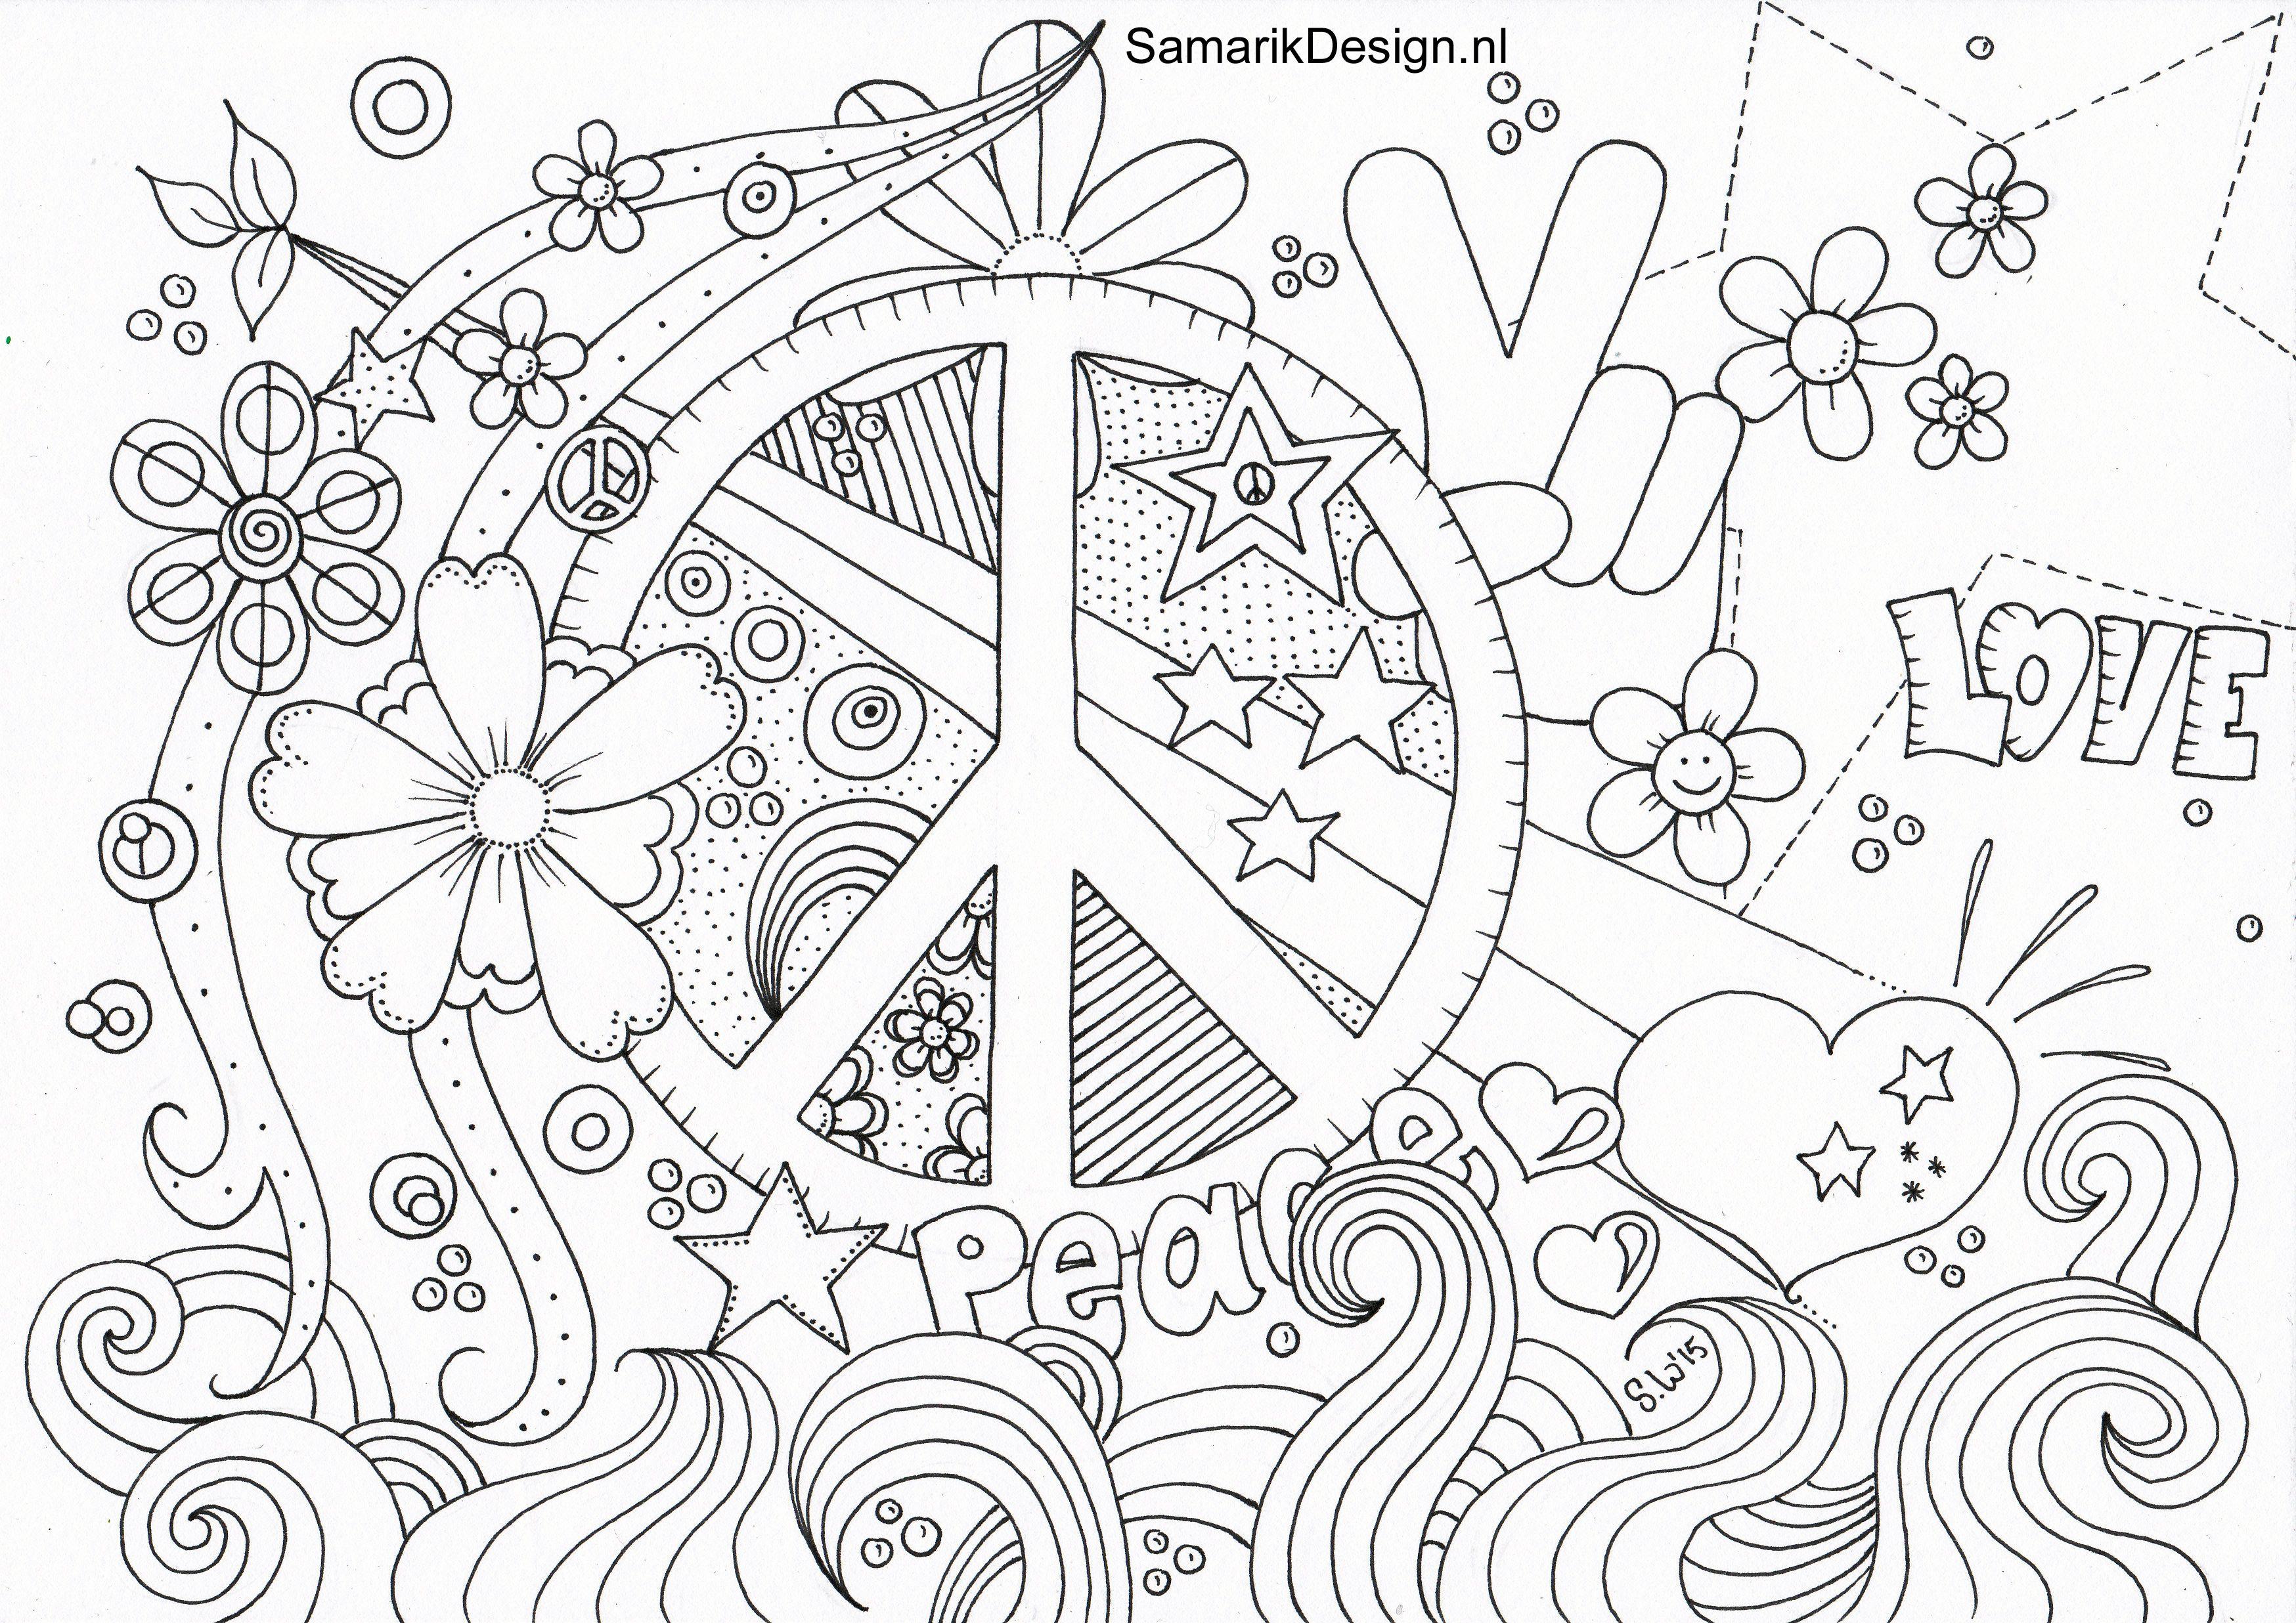 kleurplaat voor volwassenen. peace  love coloring pages